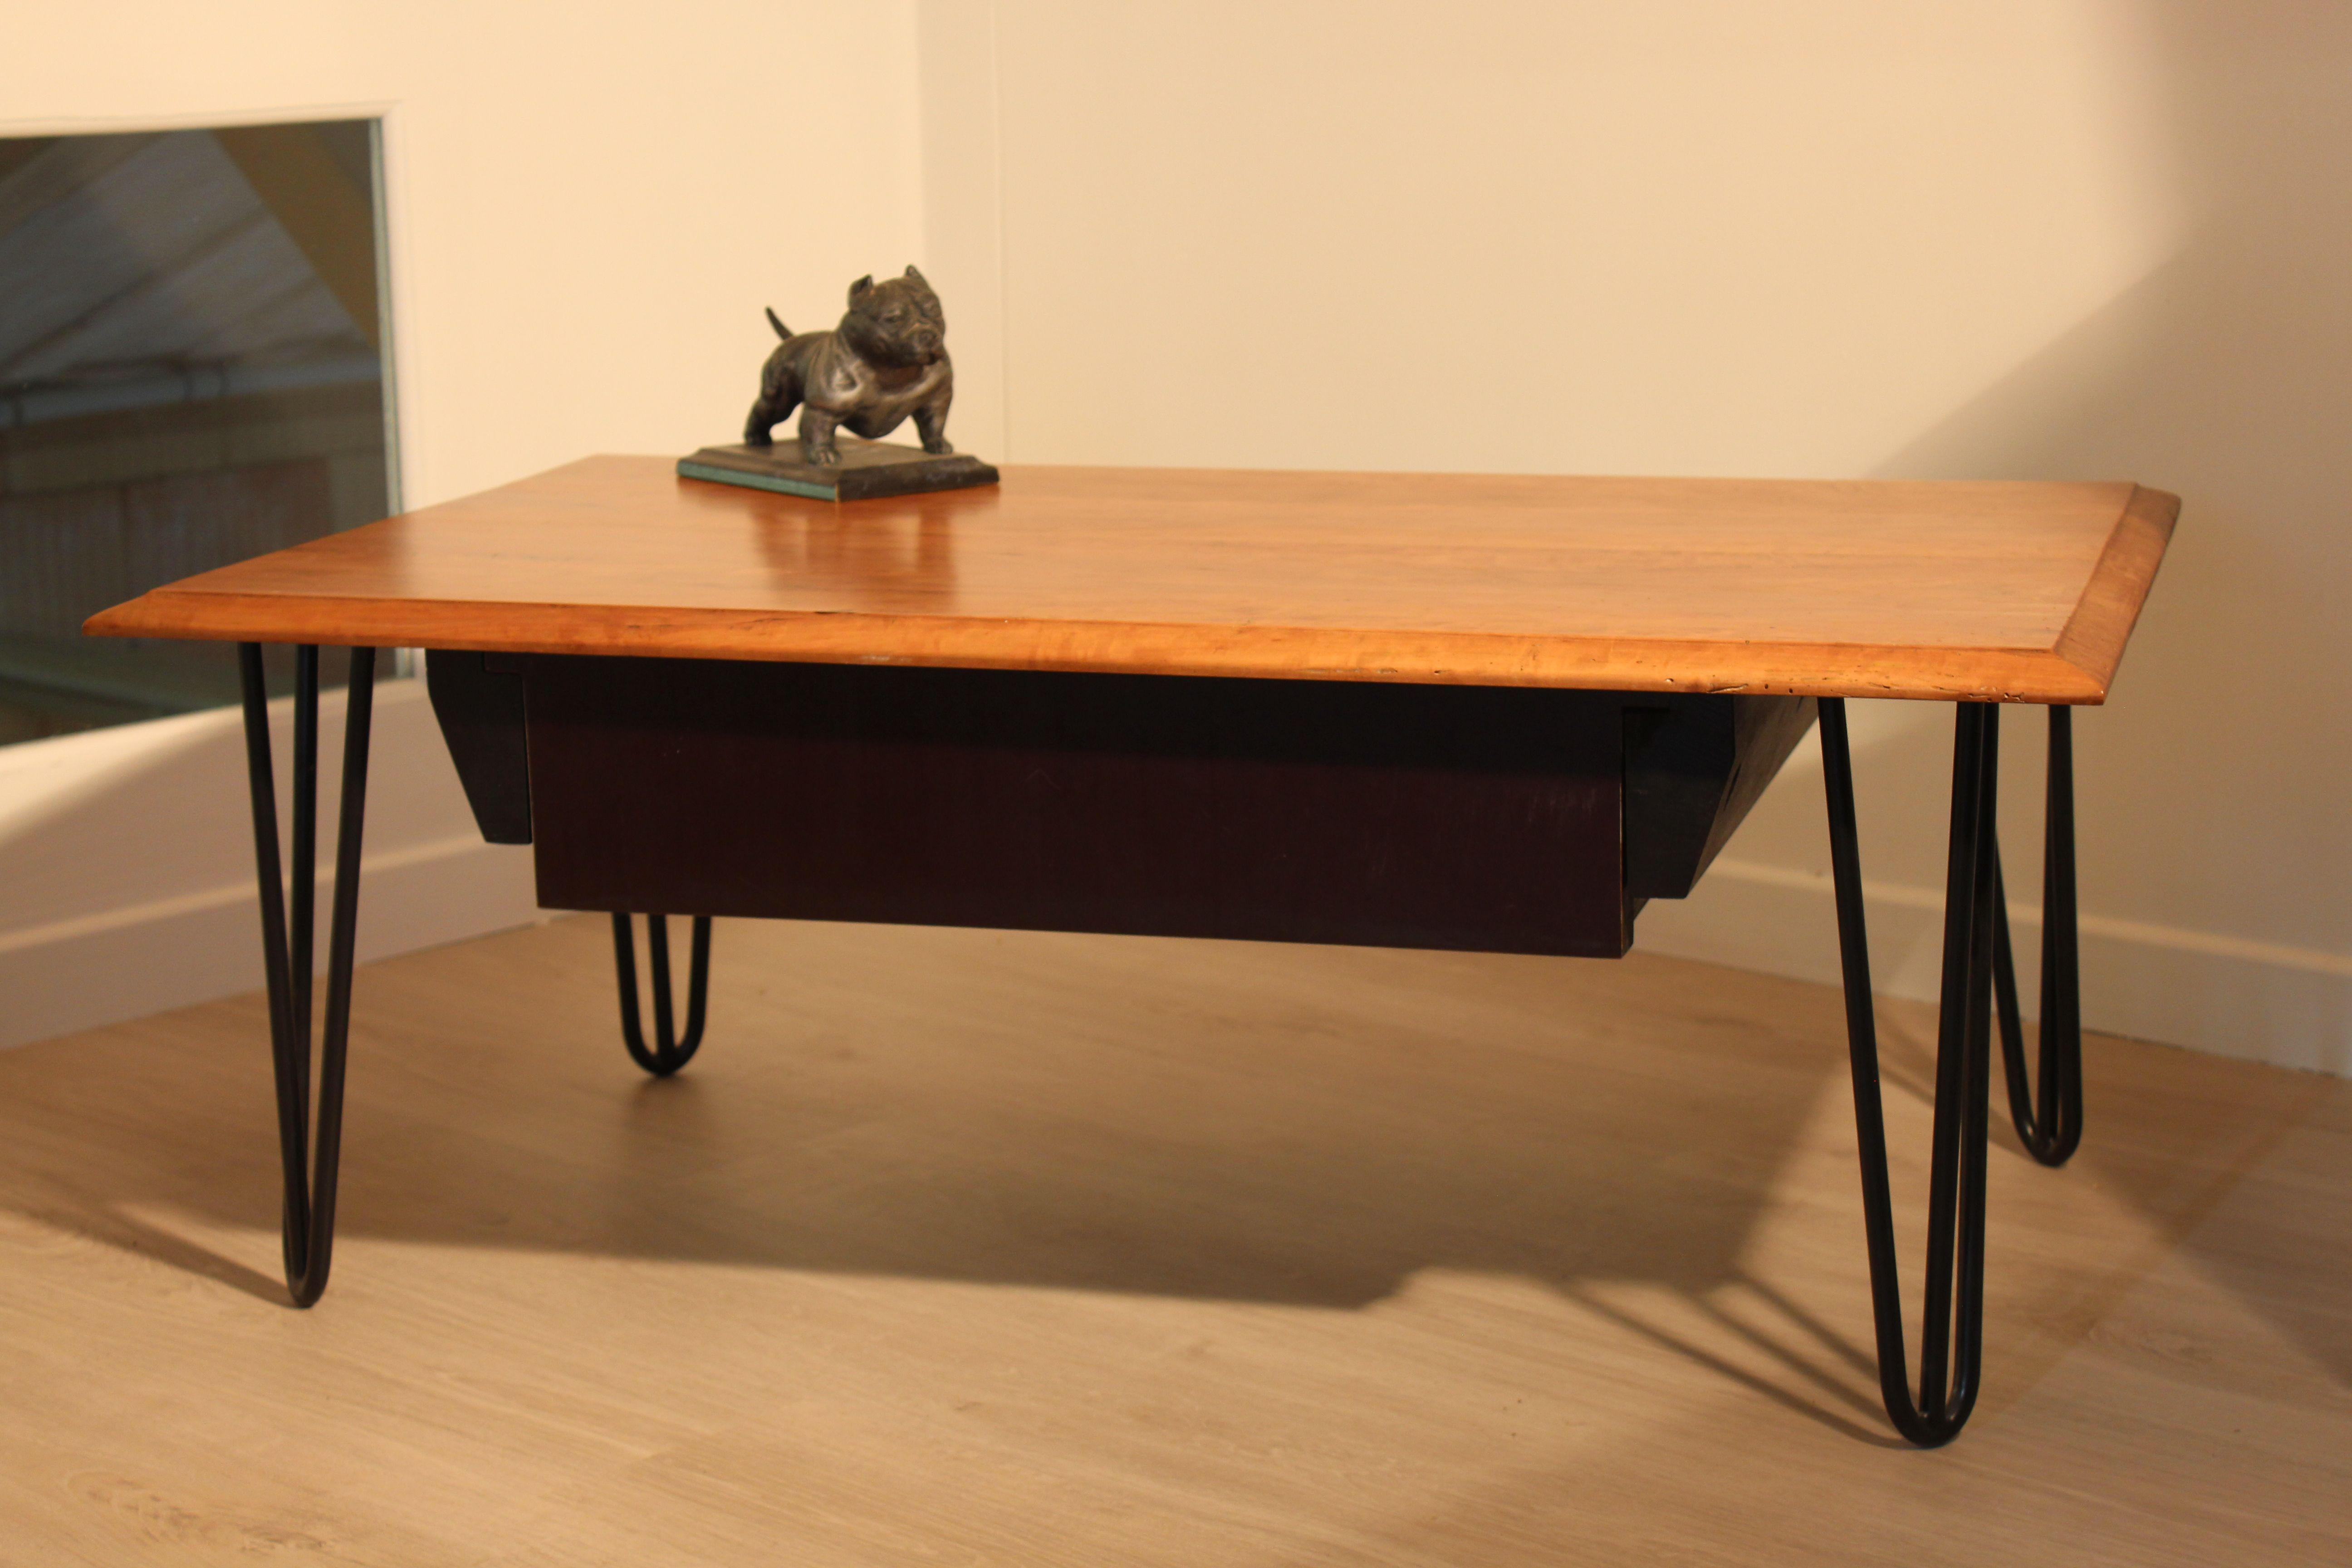 Bureau Frene Noir : Plateau en poirier d un ancien bureau piétement en épingle